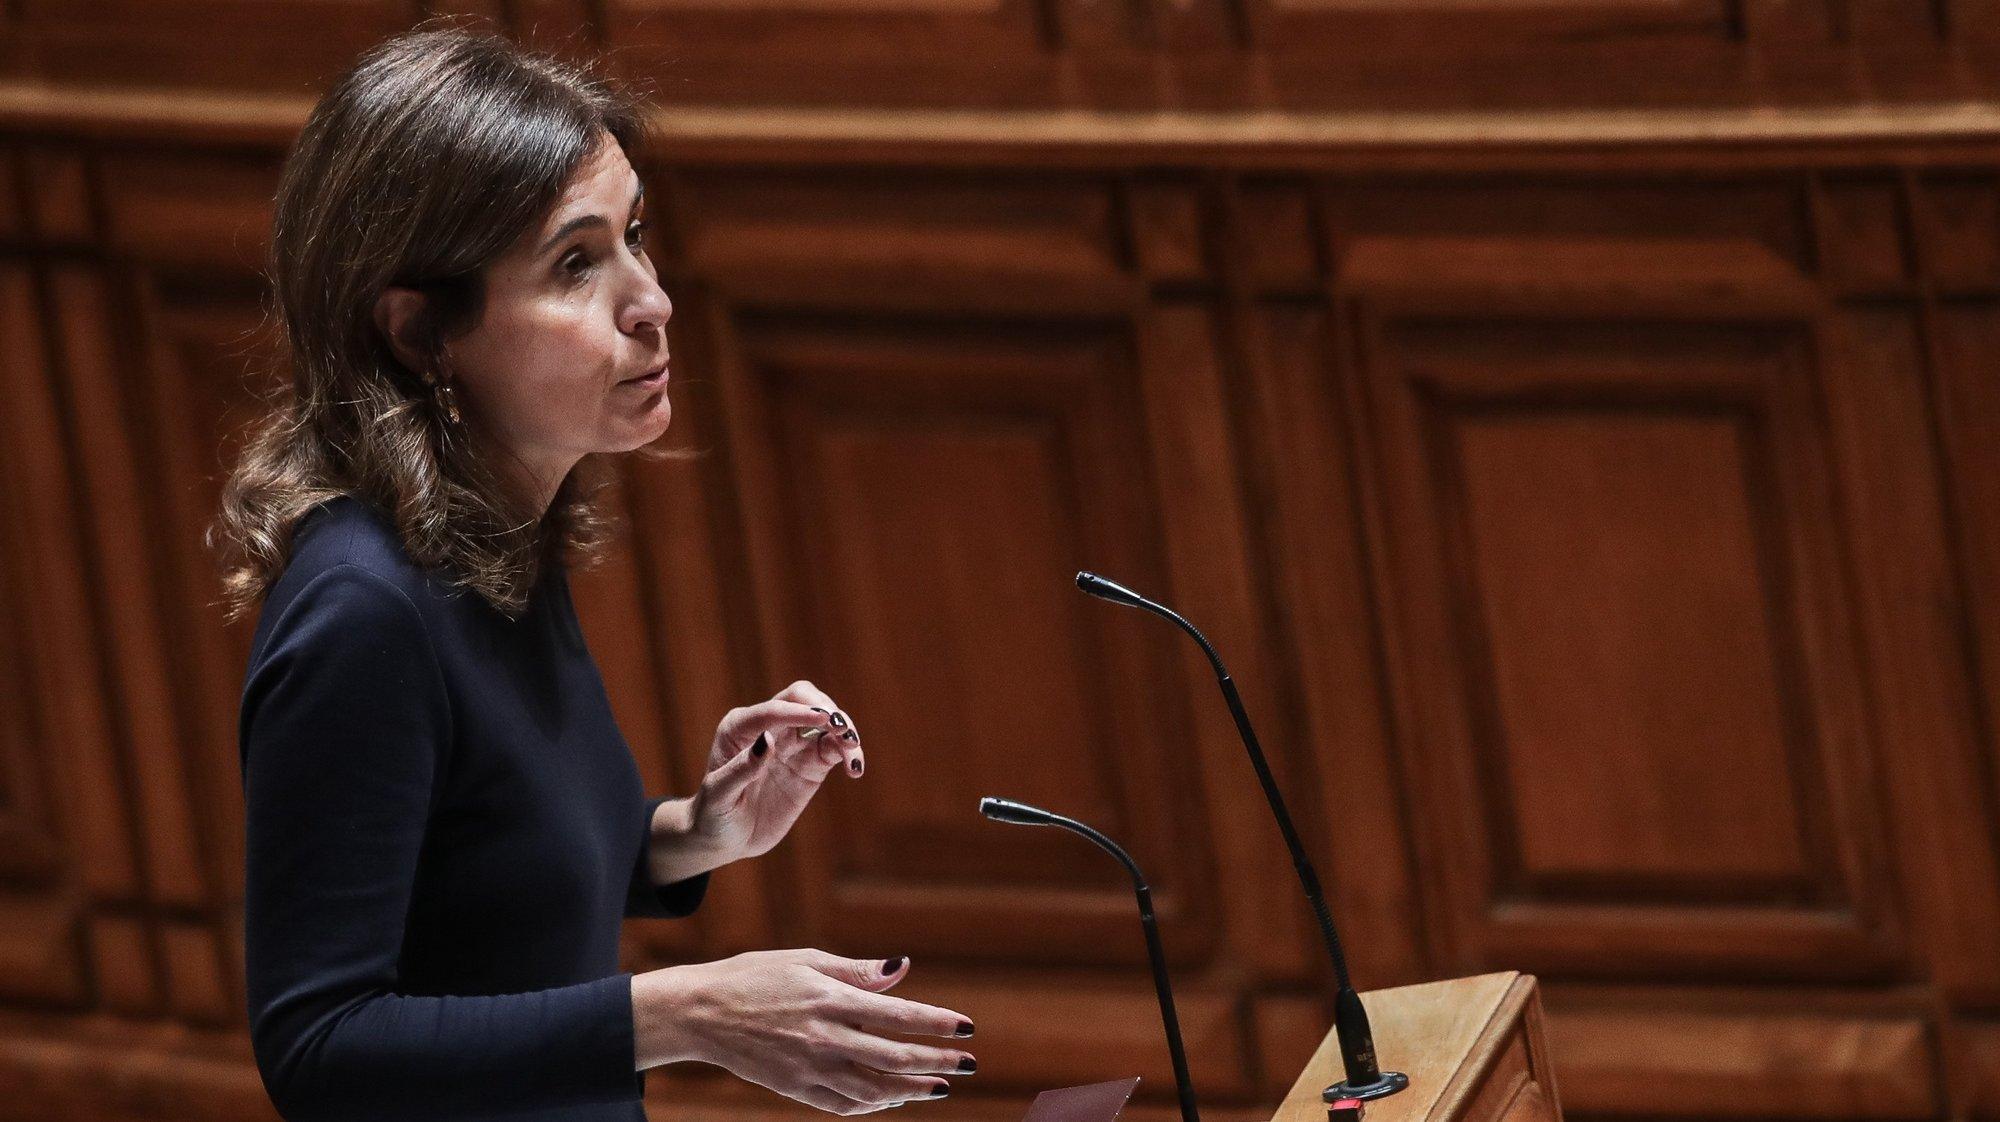 """A deputada do CDS-PP, Ana Rita Bessa, participa no debate sobre o tema """"Situação da saúde em  Portugal"""", na Assembleia da República, em Lisboa, 28 de novembro de 2019. MÁRIO CRUZ/LUSA"""